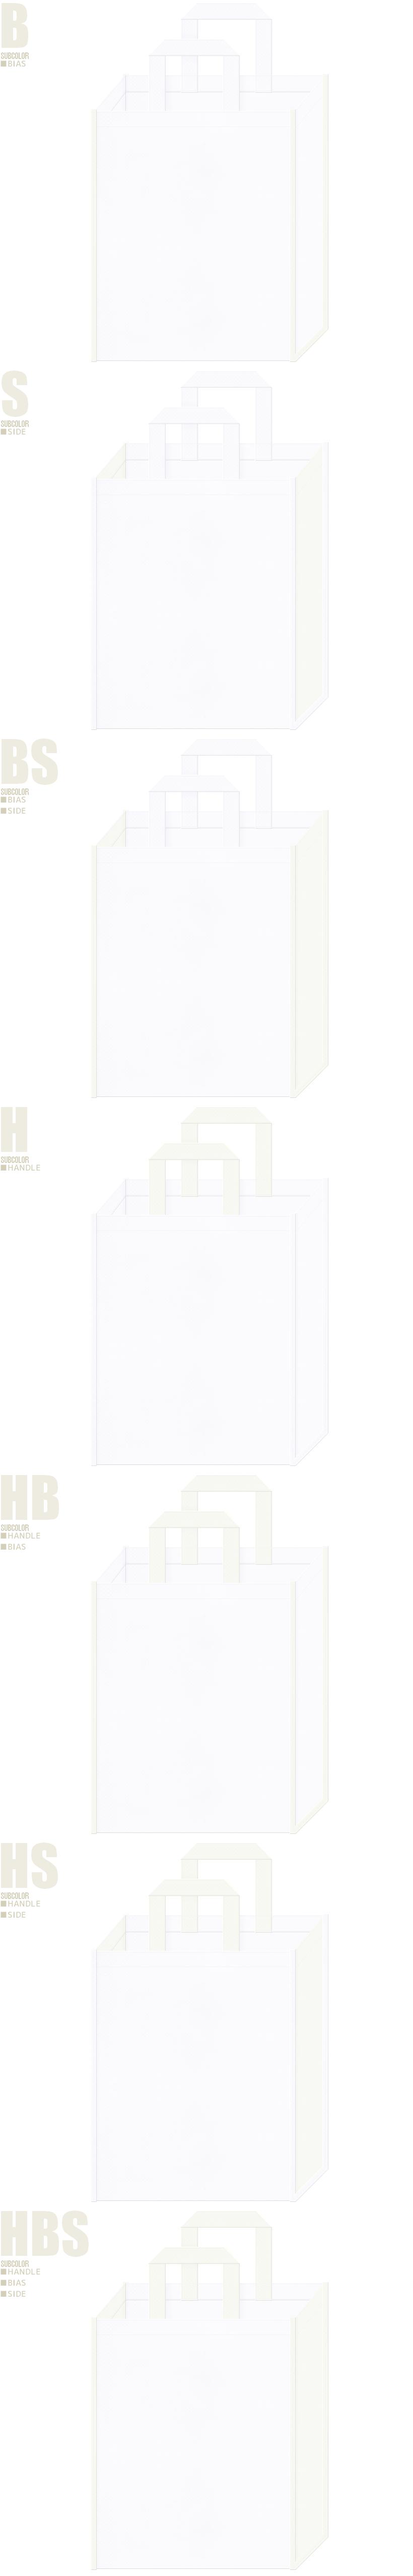 ウェディングドレス・鶴・白寿のお祝い・白無垢柄にお奨めの不織布バッグデザイン:白色とオフホワイト色のコーデ7パターン